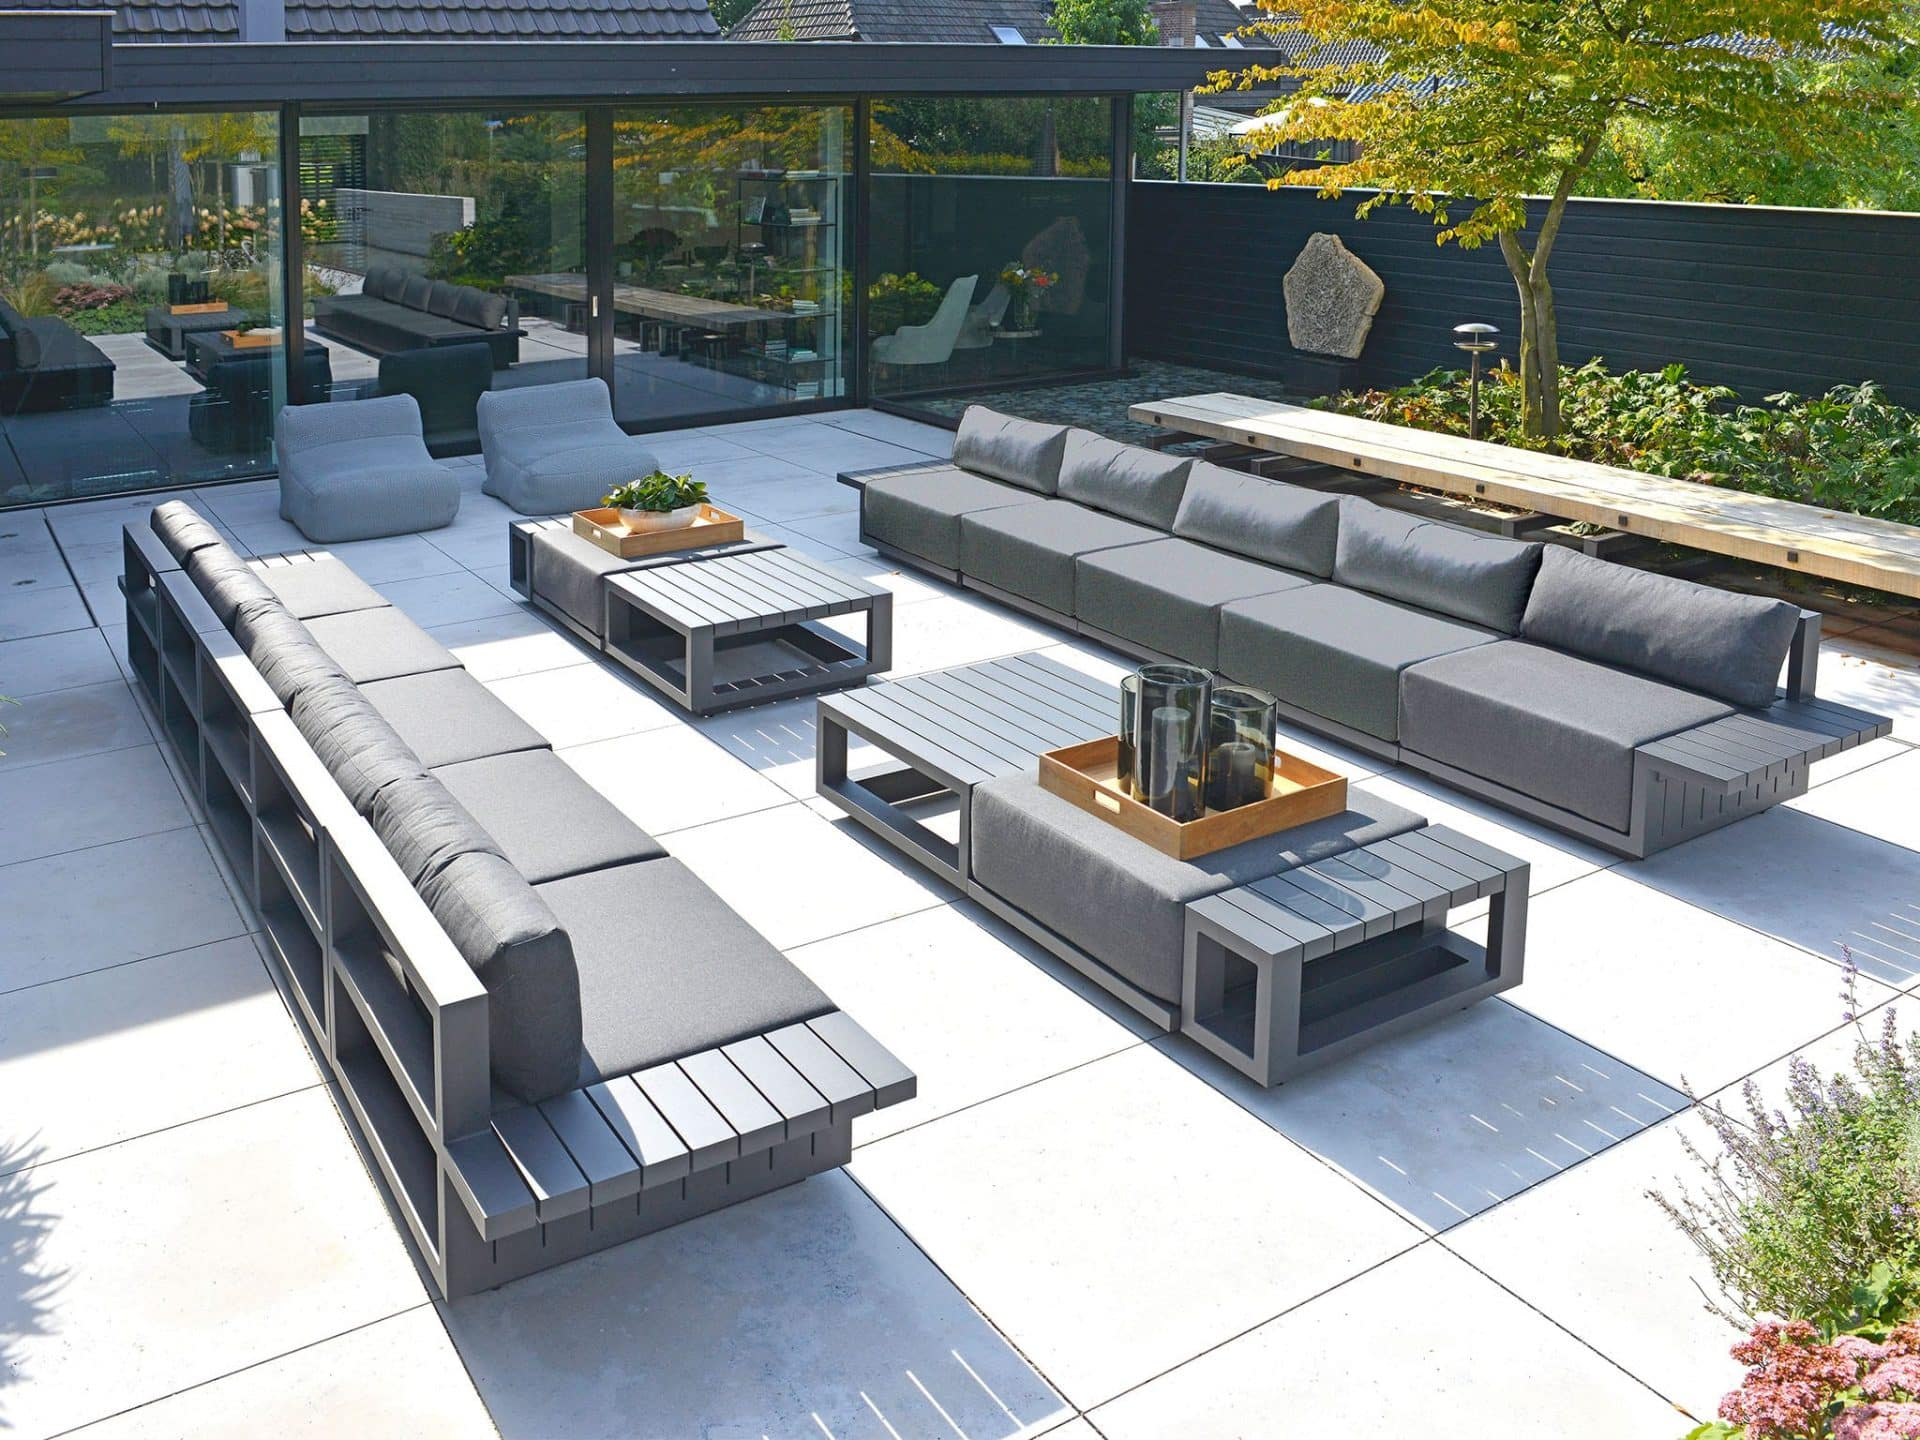 Full Size of Terrassen Lounge Sofa Garten Loungemöbel Sessel Holz Günstig Set Möbel Wohnzimmer Terrassen Lounge